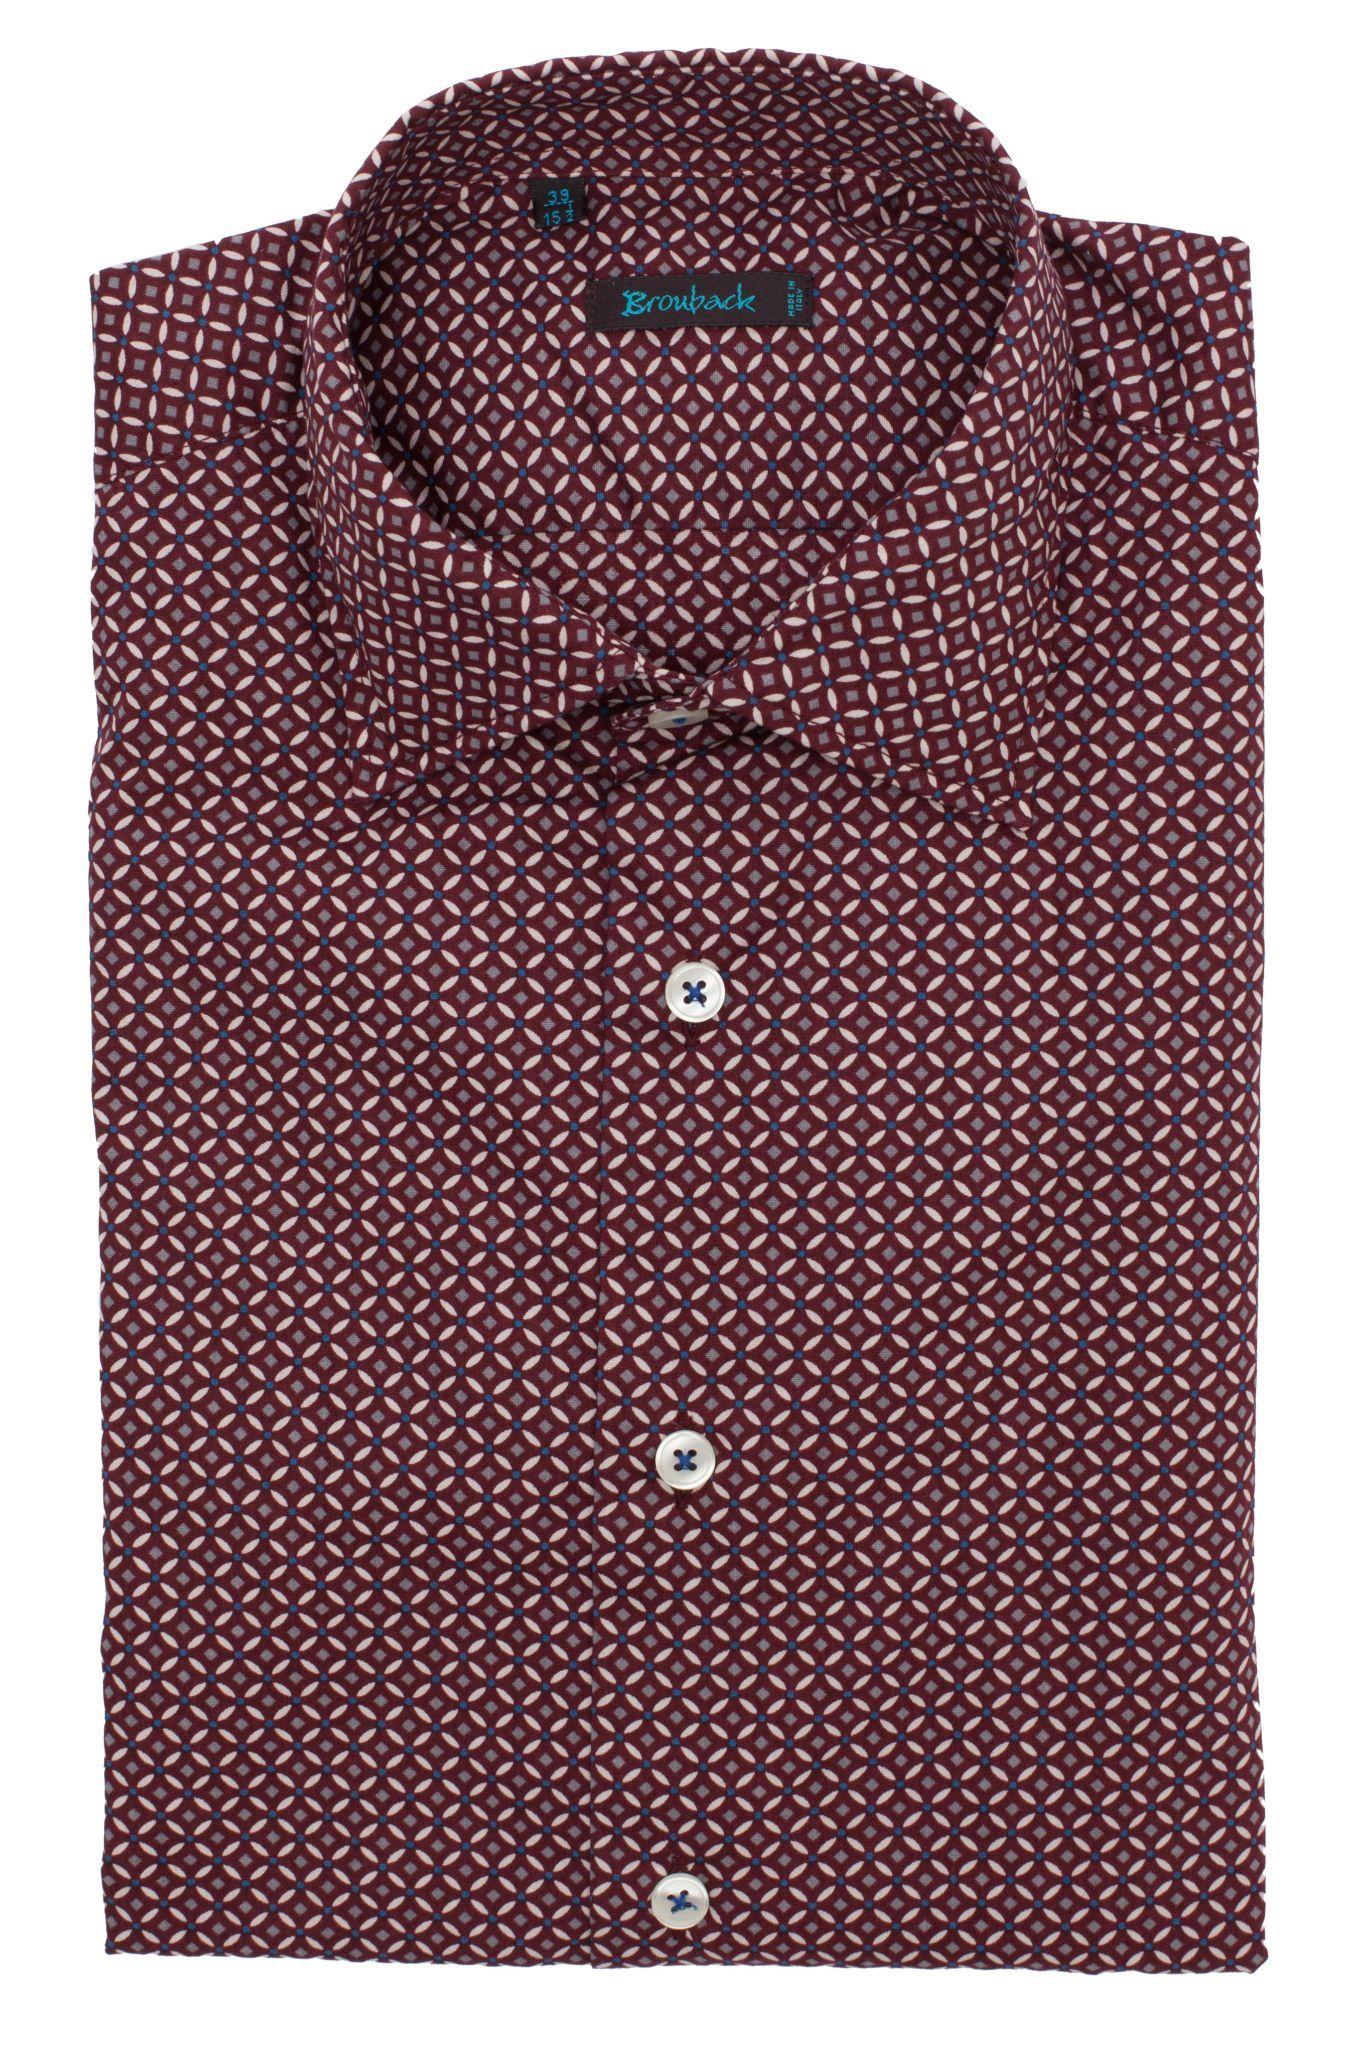 Бордовая рубашка с частым бело-синим геометрическим рисунком